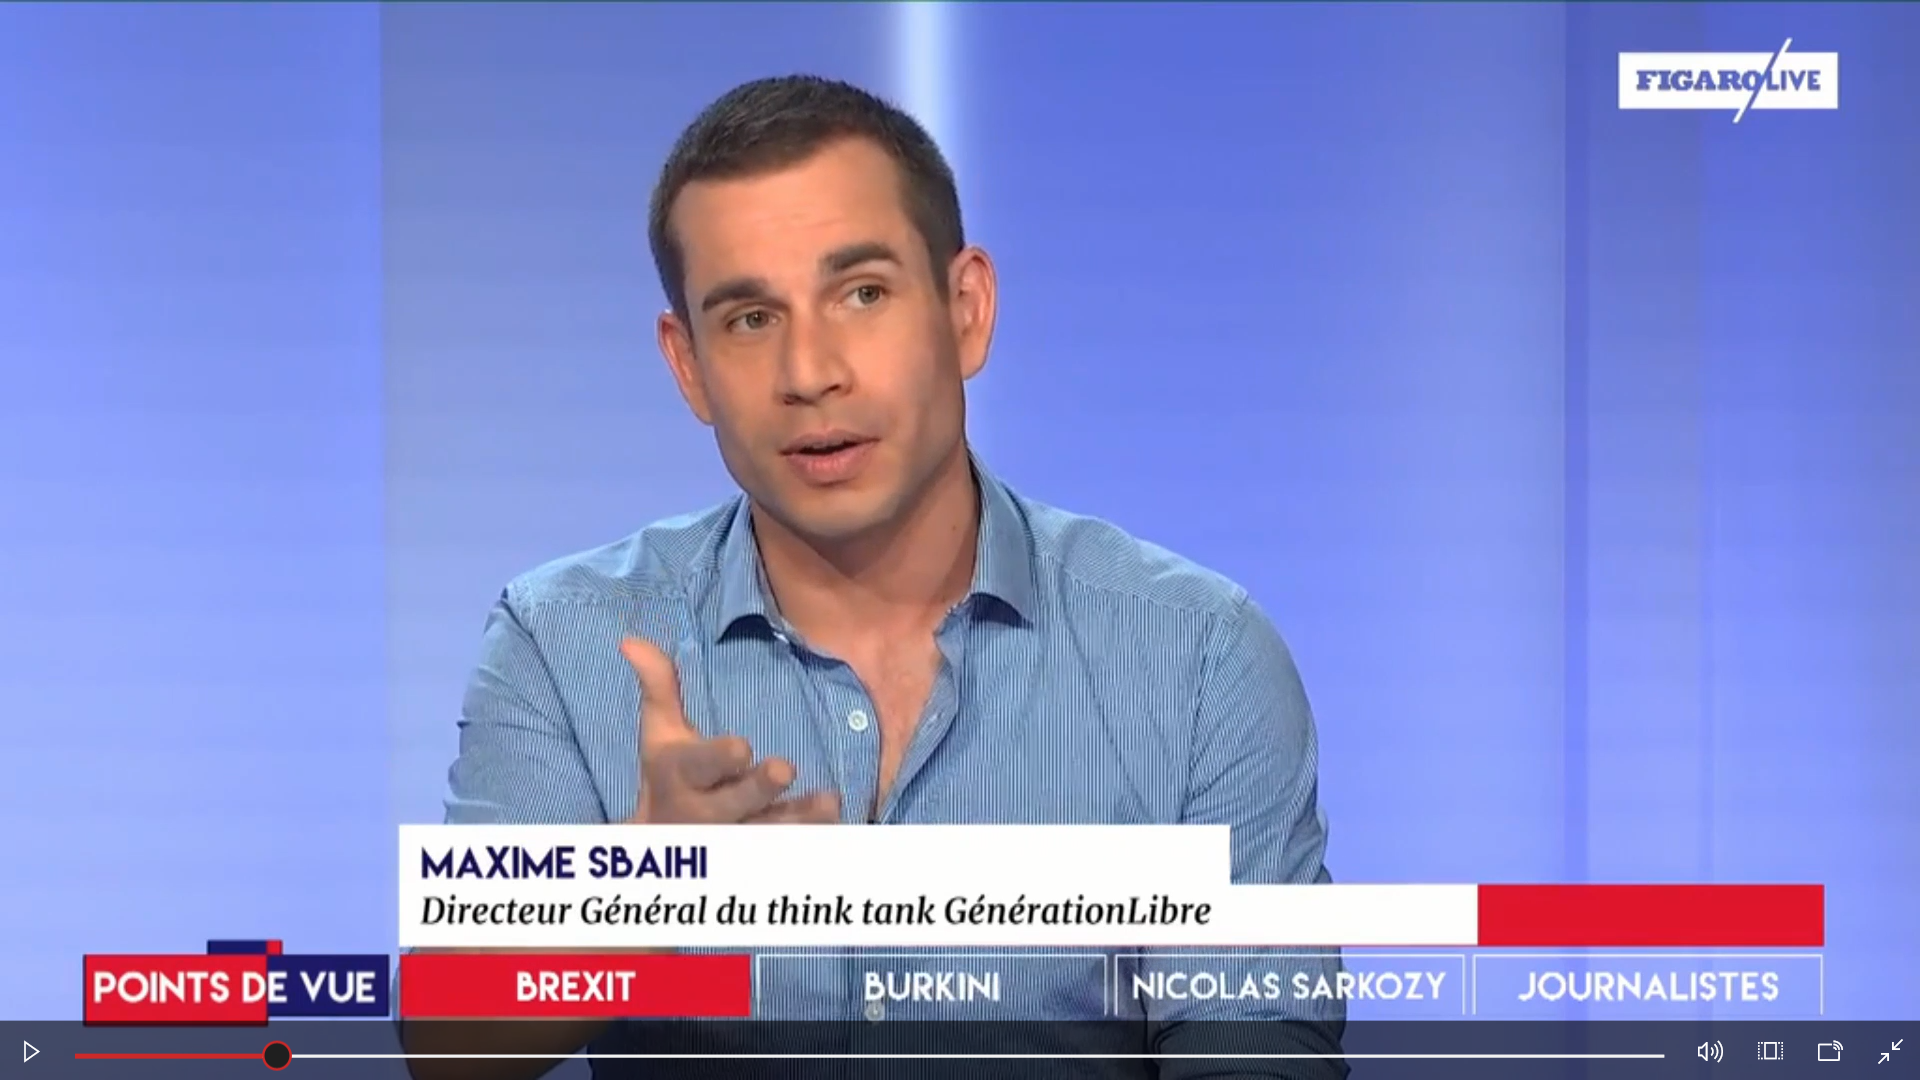 Brexit, Burkini, Sarkozy, Ordre des journalistes : le point de vue de Maxime